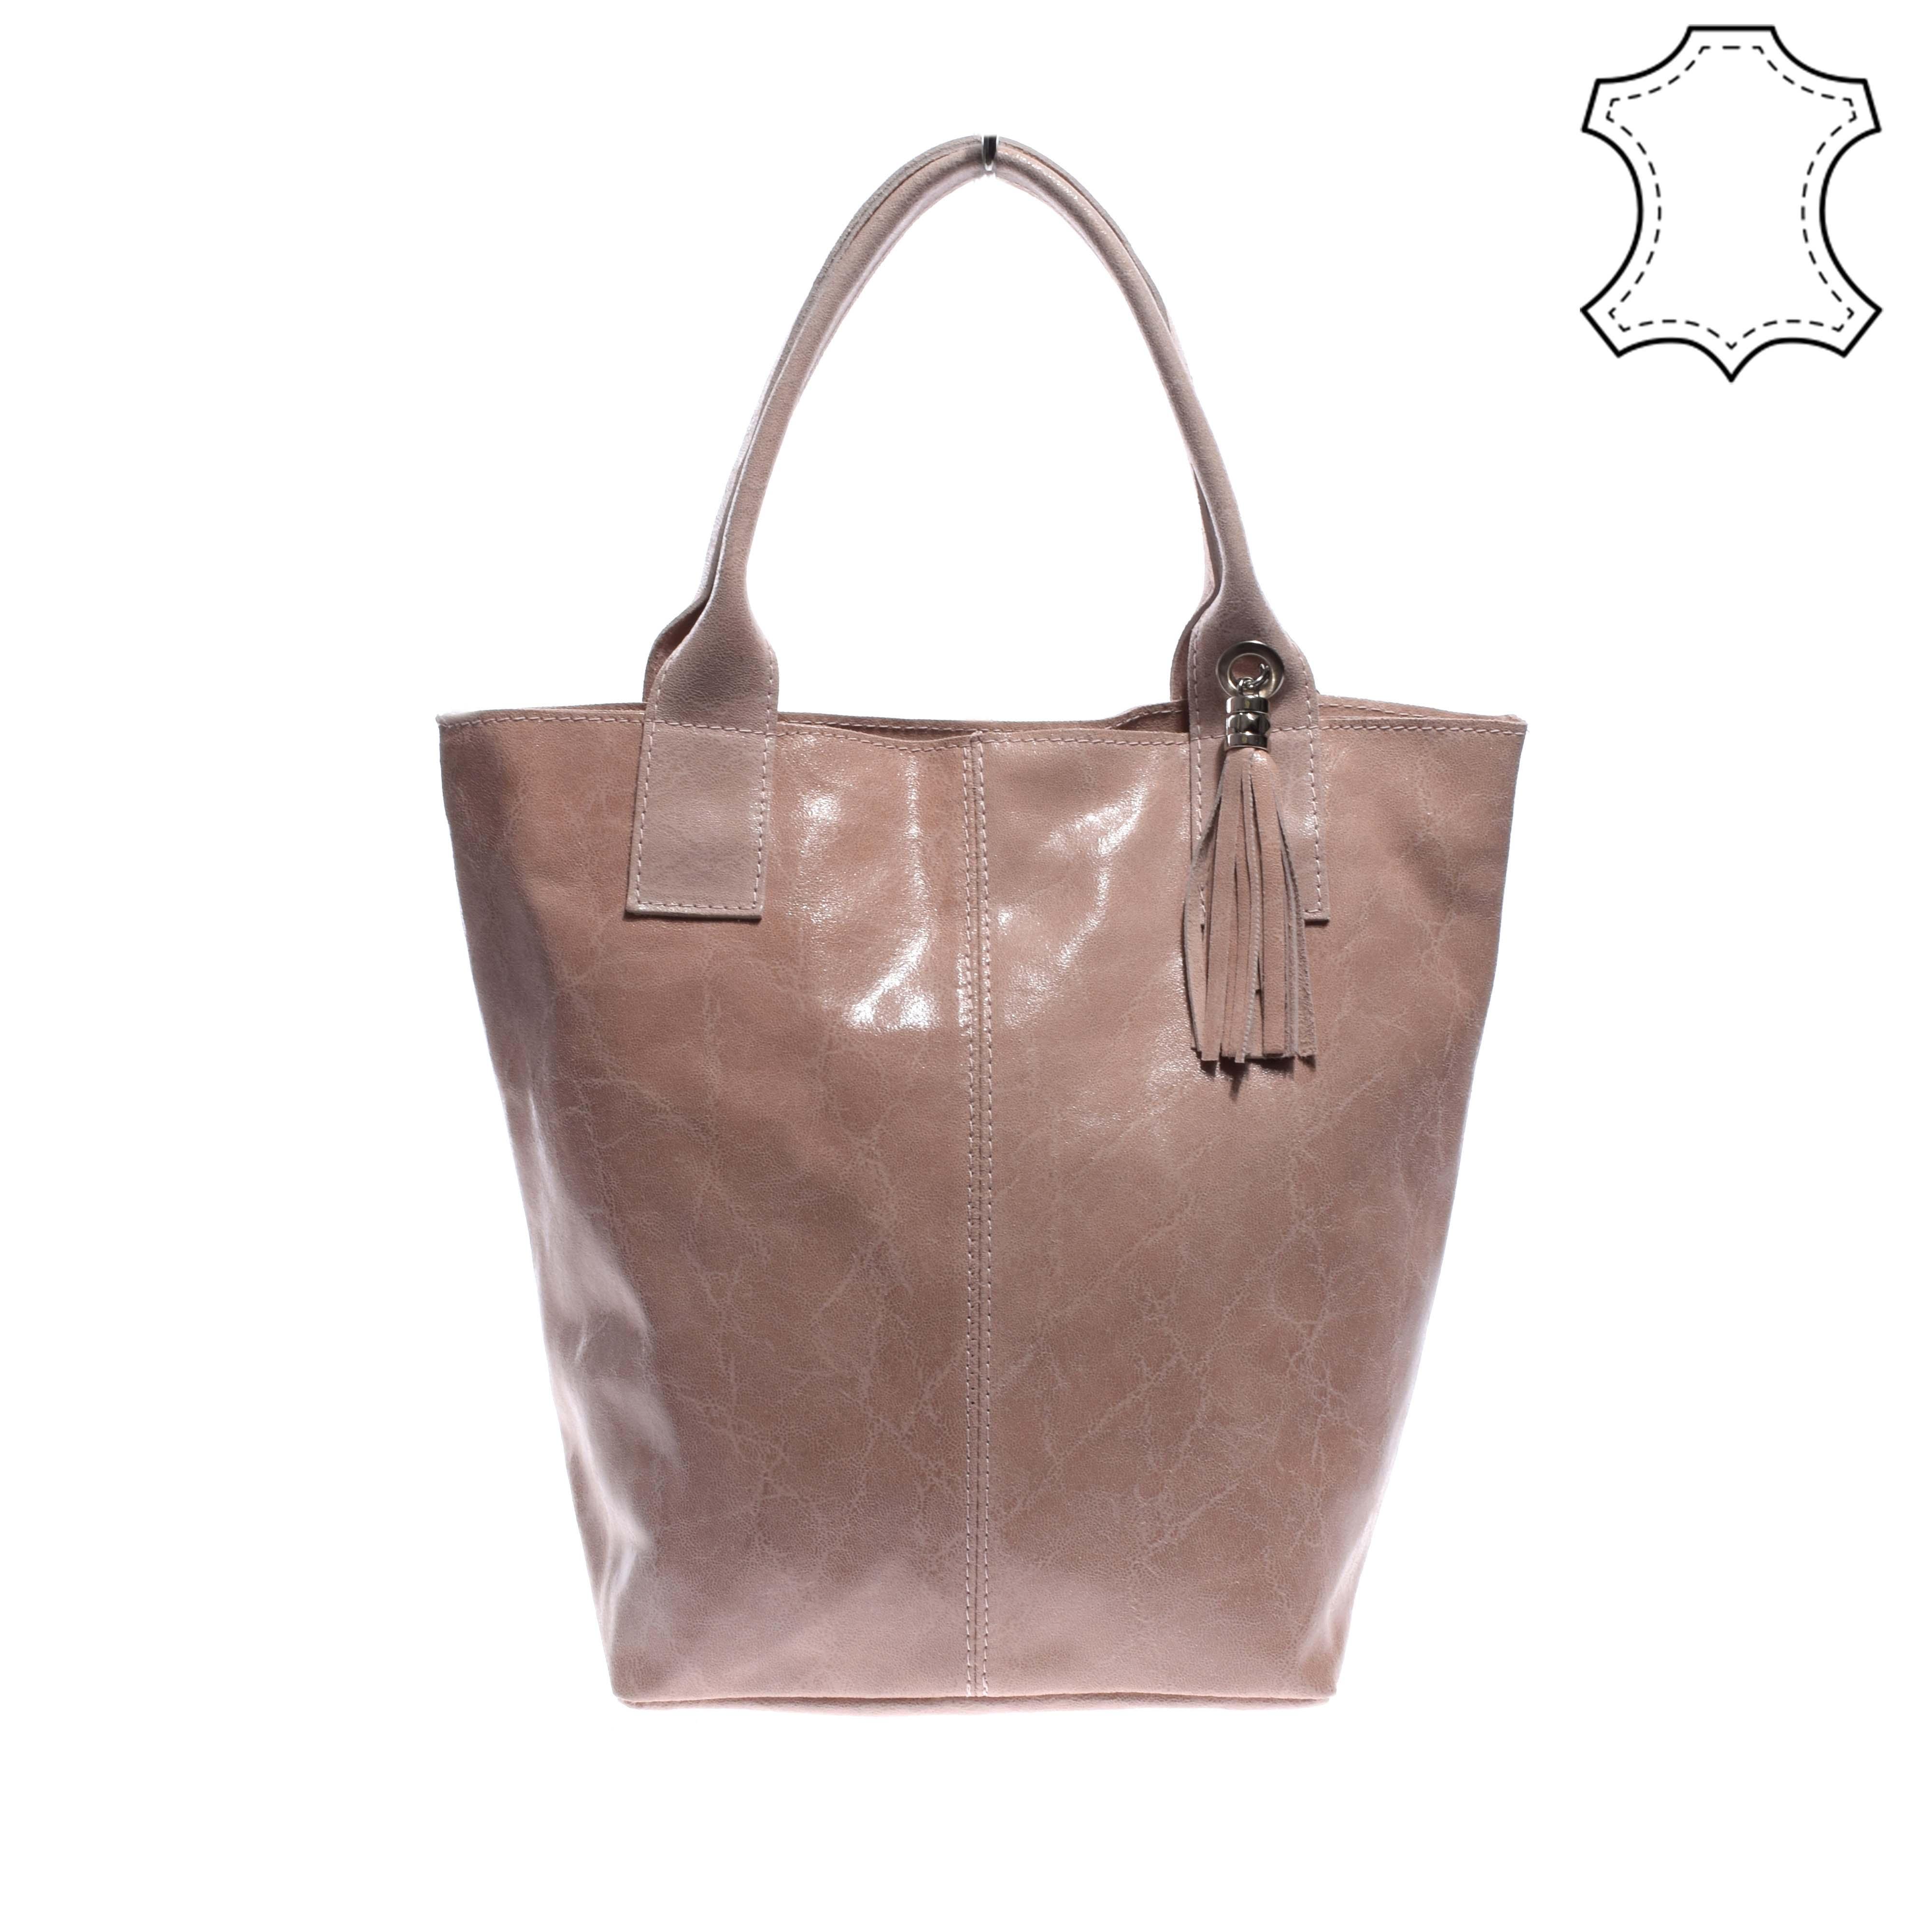 Női rózsaszín lakkozott valódibőr válltáska - VALÓDI BŐRTÁSKÁK - Táska  webáruház - Minőségi táskák mindenkinek e58f57ff04